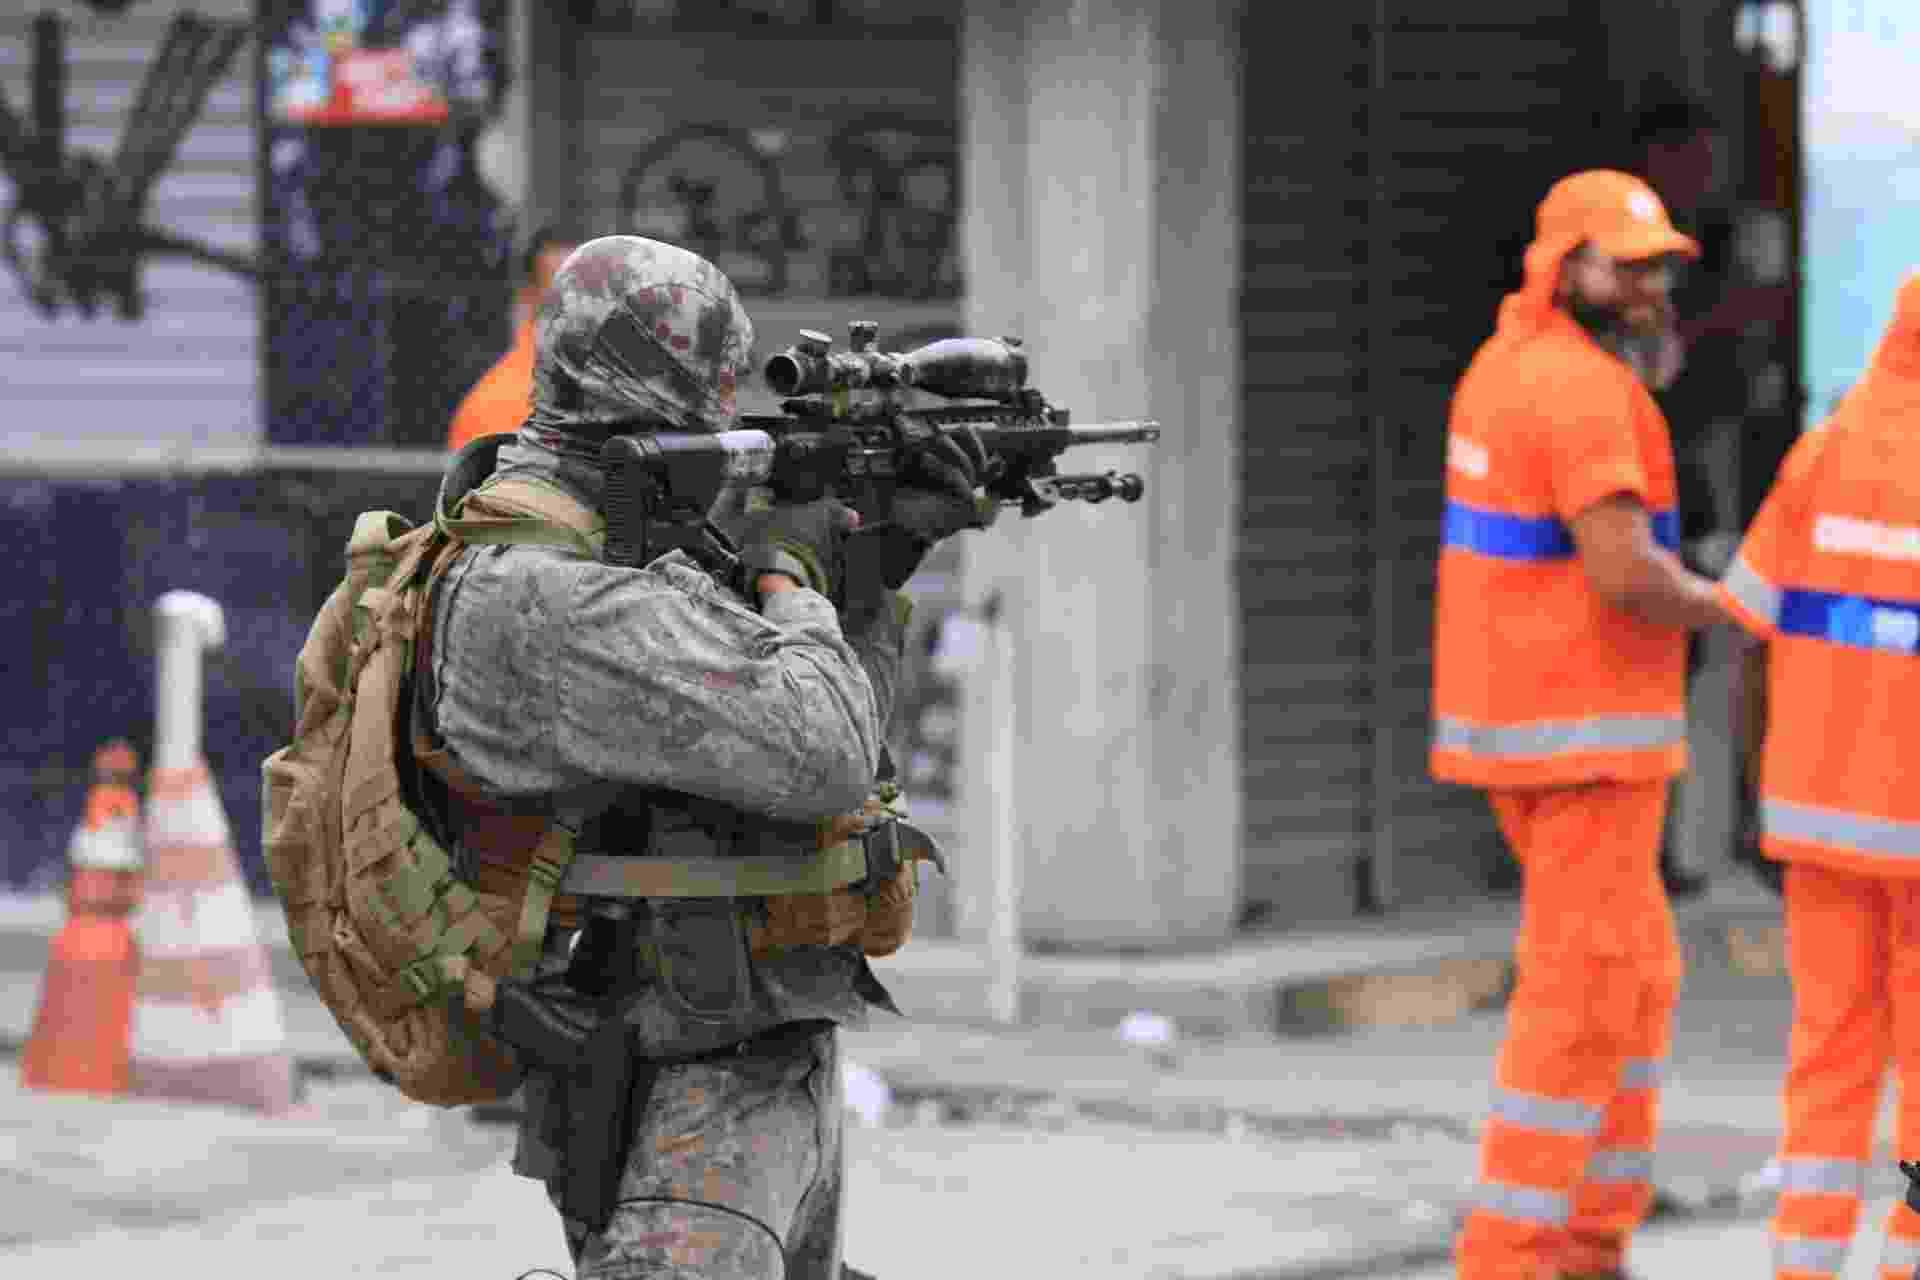 Operação no Complexo da Maré deixa dois mortos no Rio de Janeiro nesta terça-feira (6). - José Lucena/Futura Press/Estadão Conteúdo